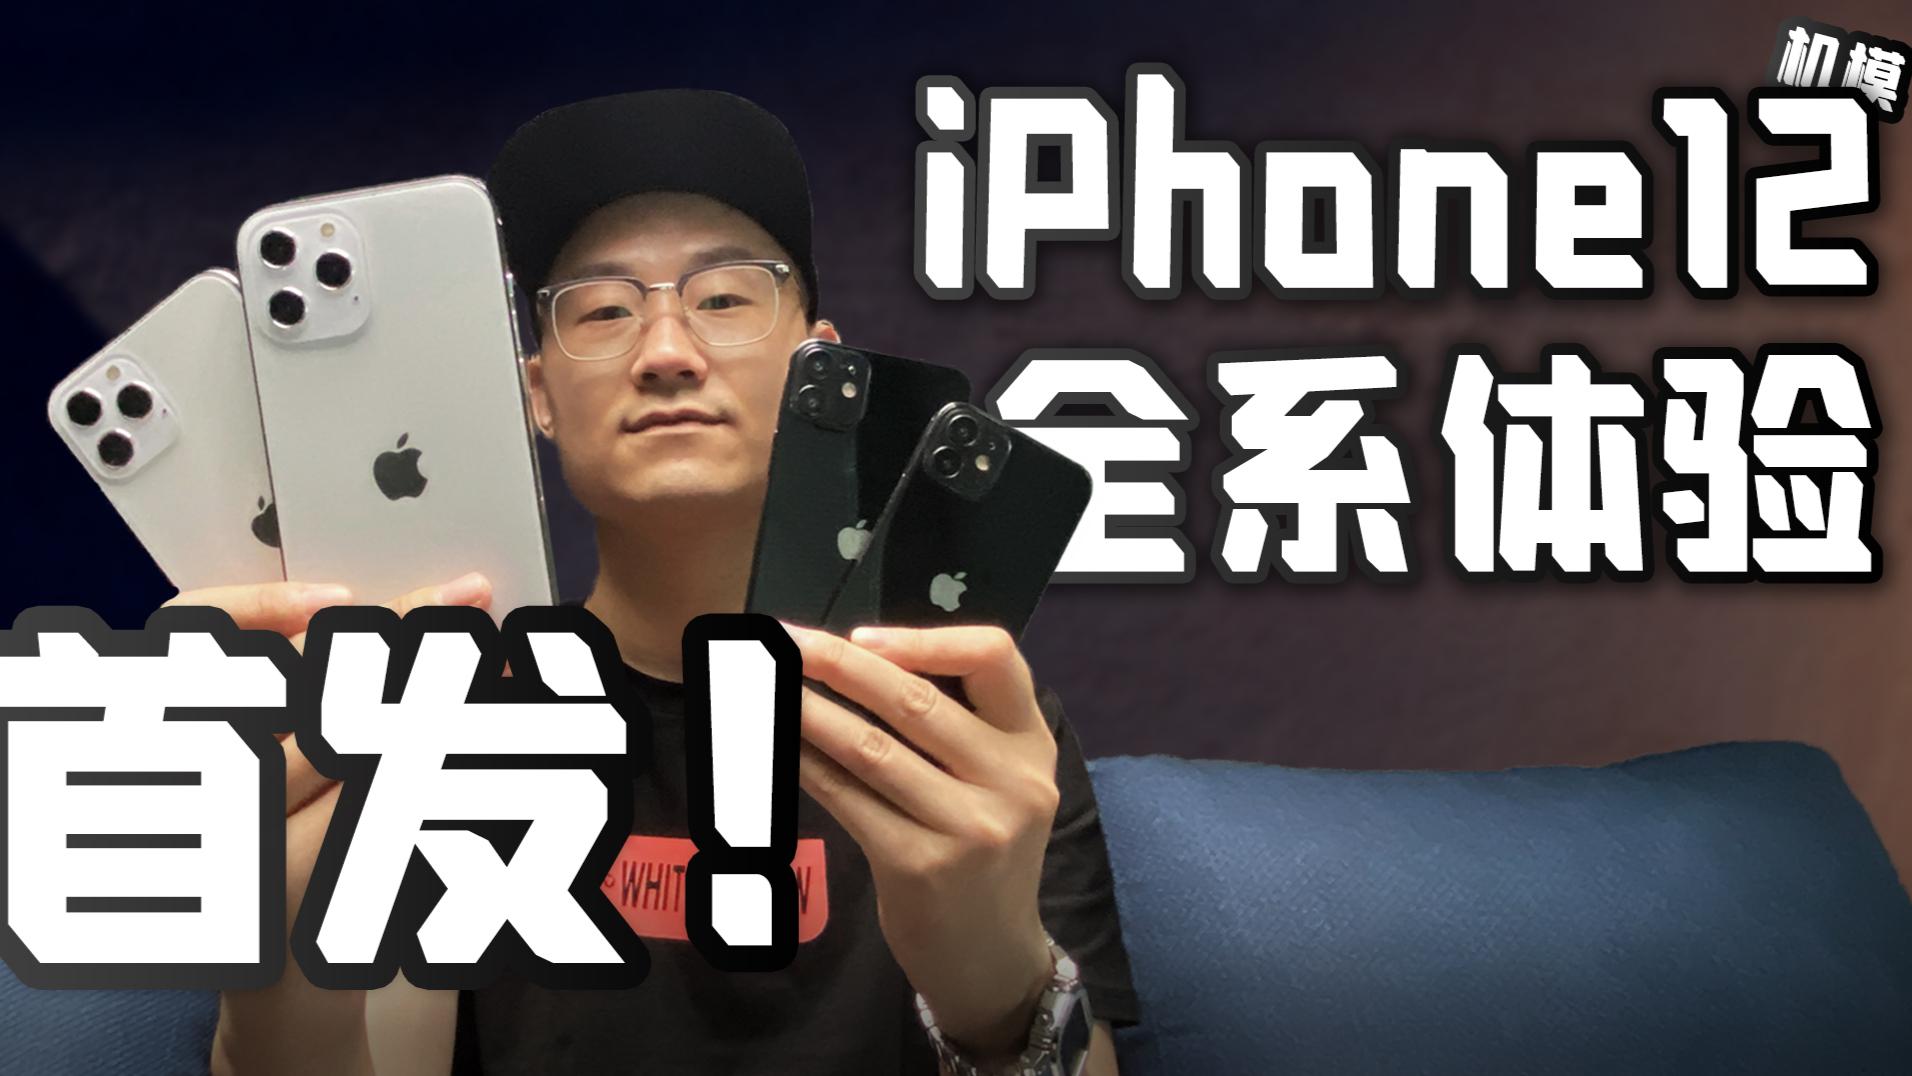 「小白测评」4台 iPhone12 全系…机模体验 2020苹果新品前瞻